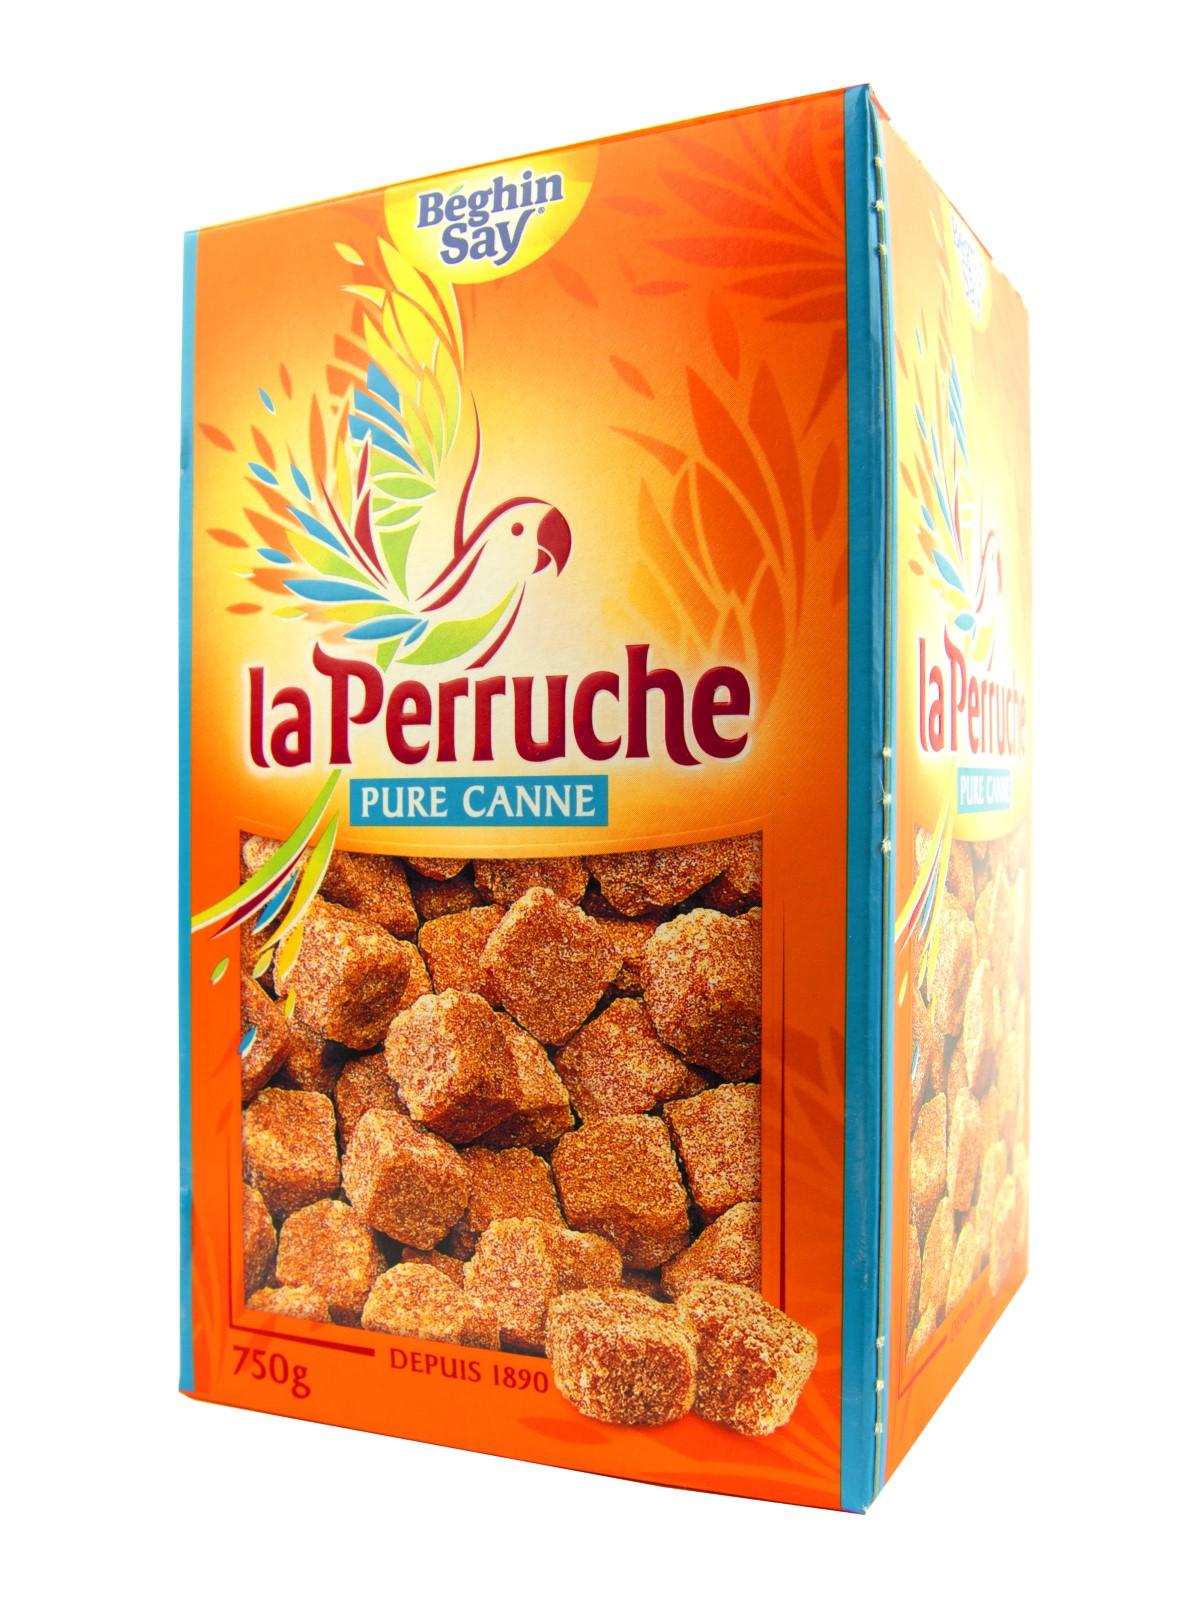 Сахар Beghin Say колотый тростниковый коричневый La Perruche 750 г., Франция